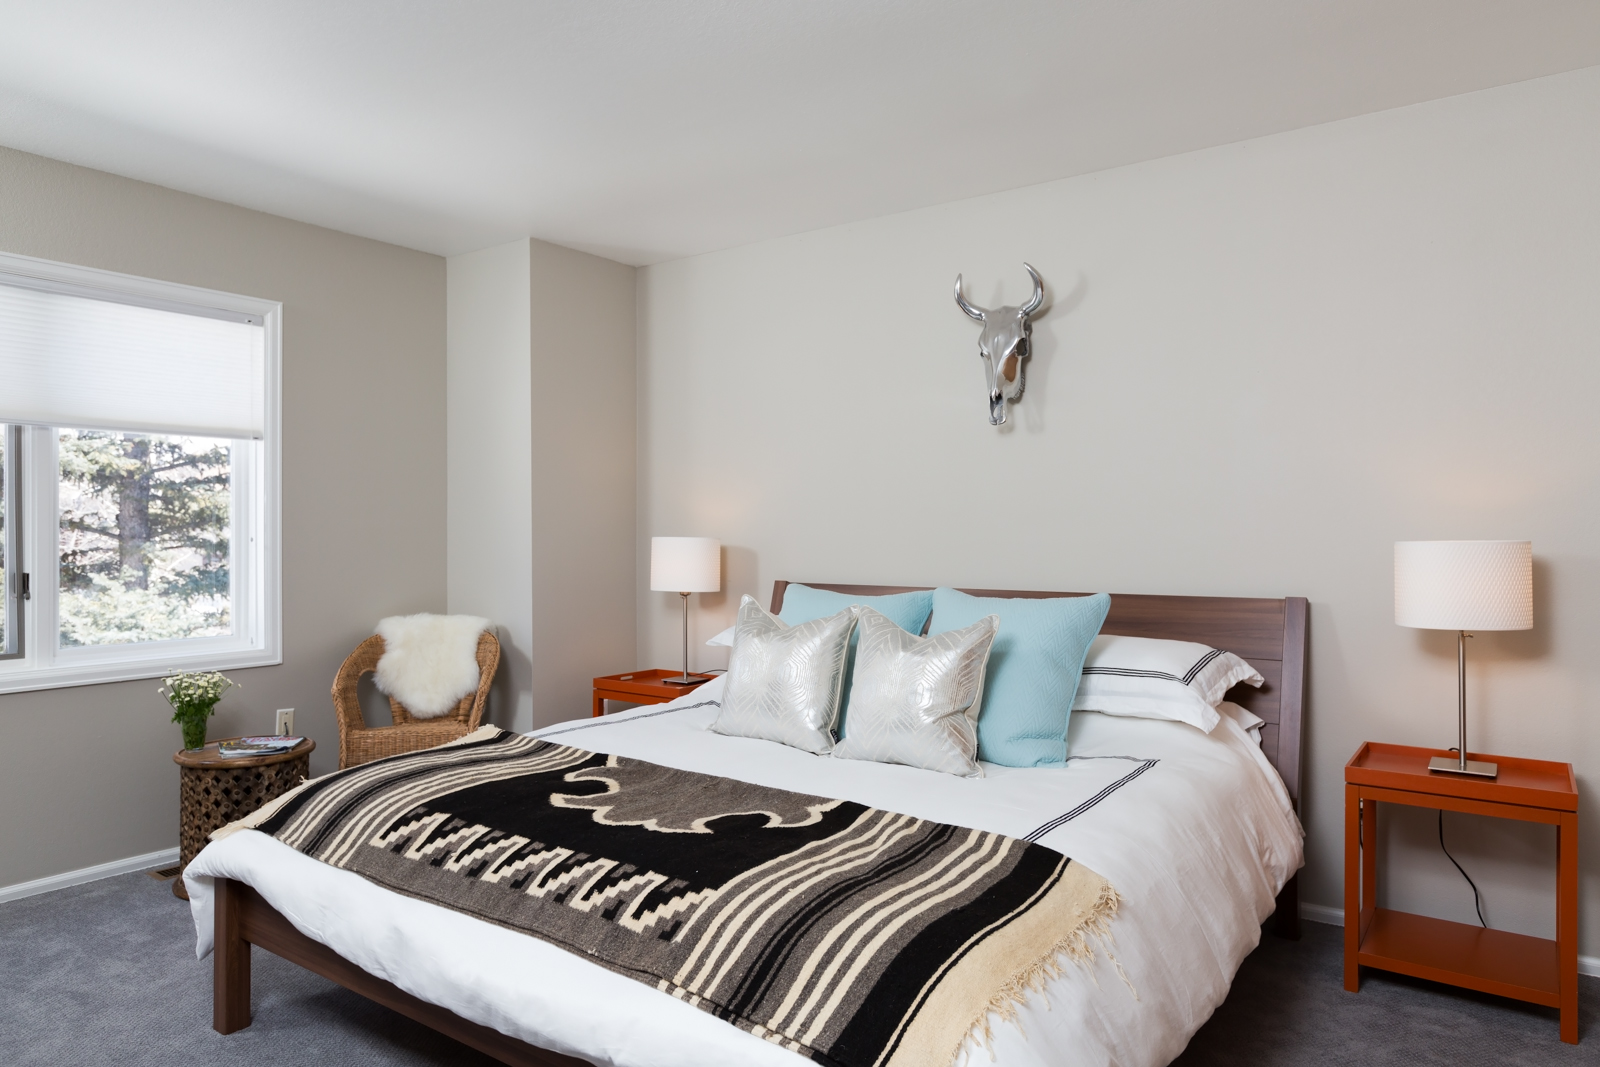 Second_master_bedroom-3-3128704430-O.jpg